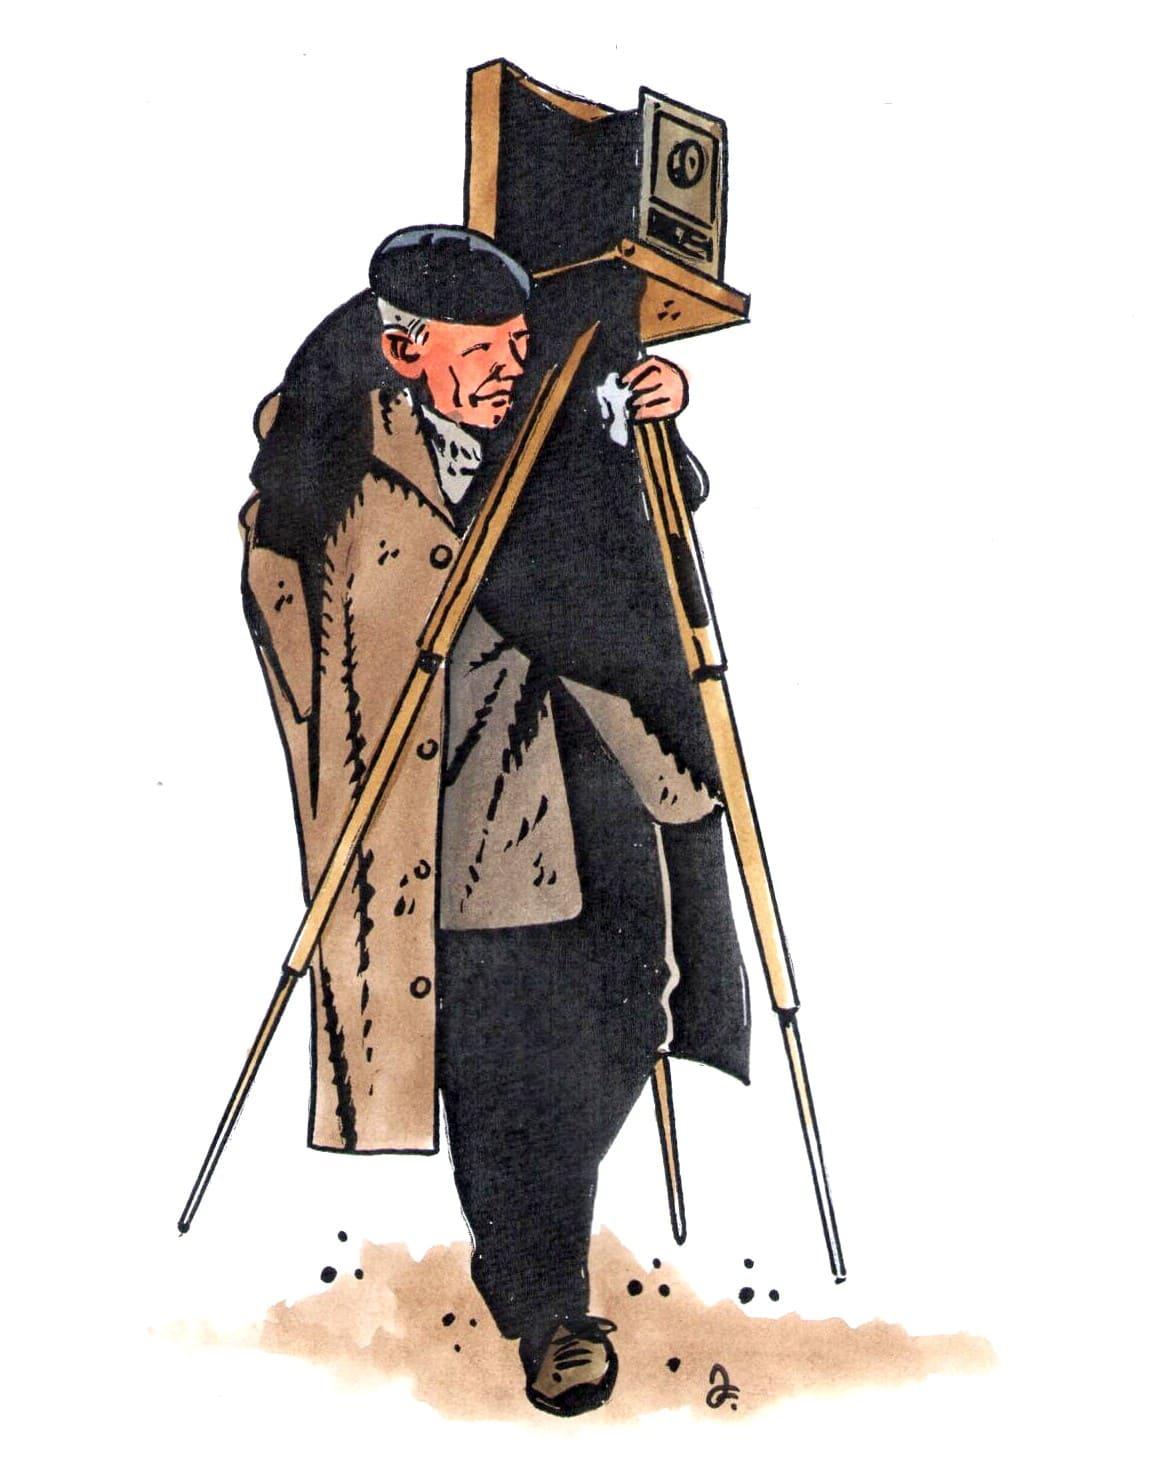 Josef Sudek nosil svůj fotoaparát na levém rameni, a přiznával, že popasovat se s ním jednou rukou bylo nesnadné. Pomoc přátel však prý odmítal. (Kresba: Jiří Filípek)